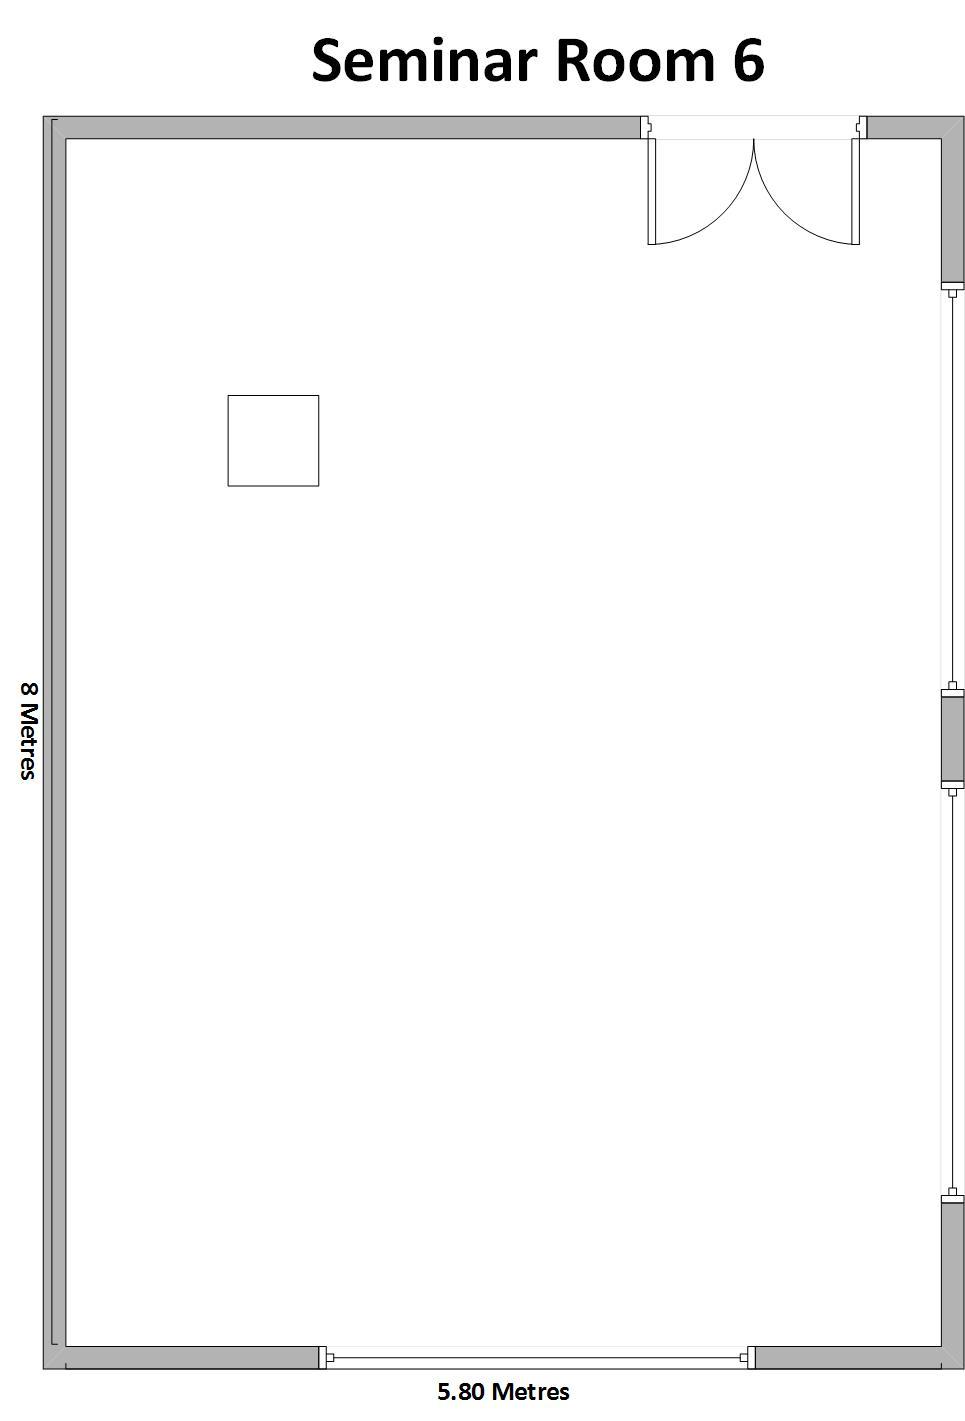 Seminar 6 Floor Plan.jpg